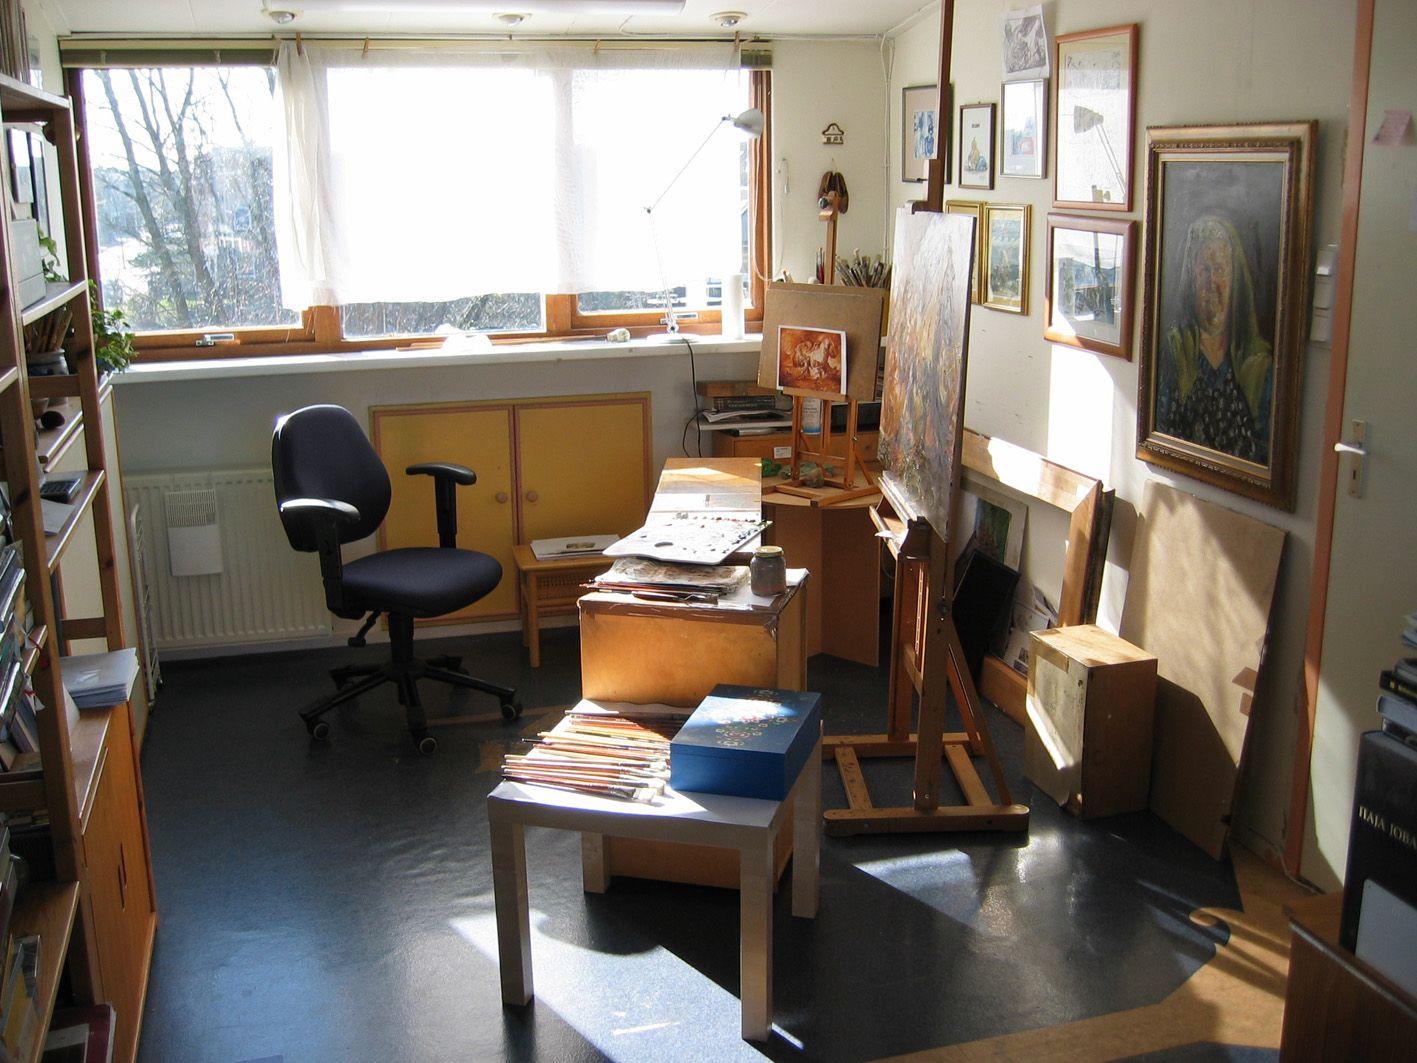 Petar Meseldzija's studio